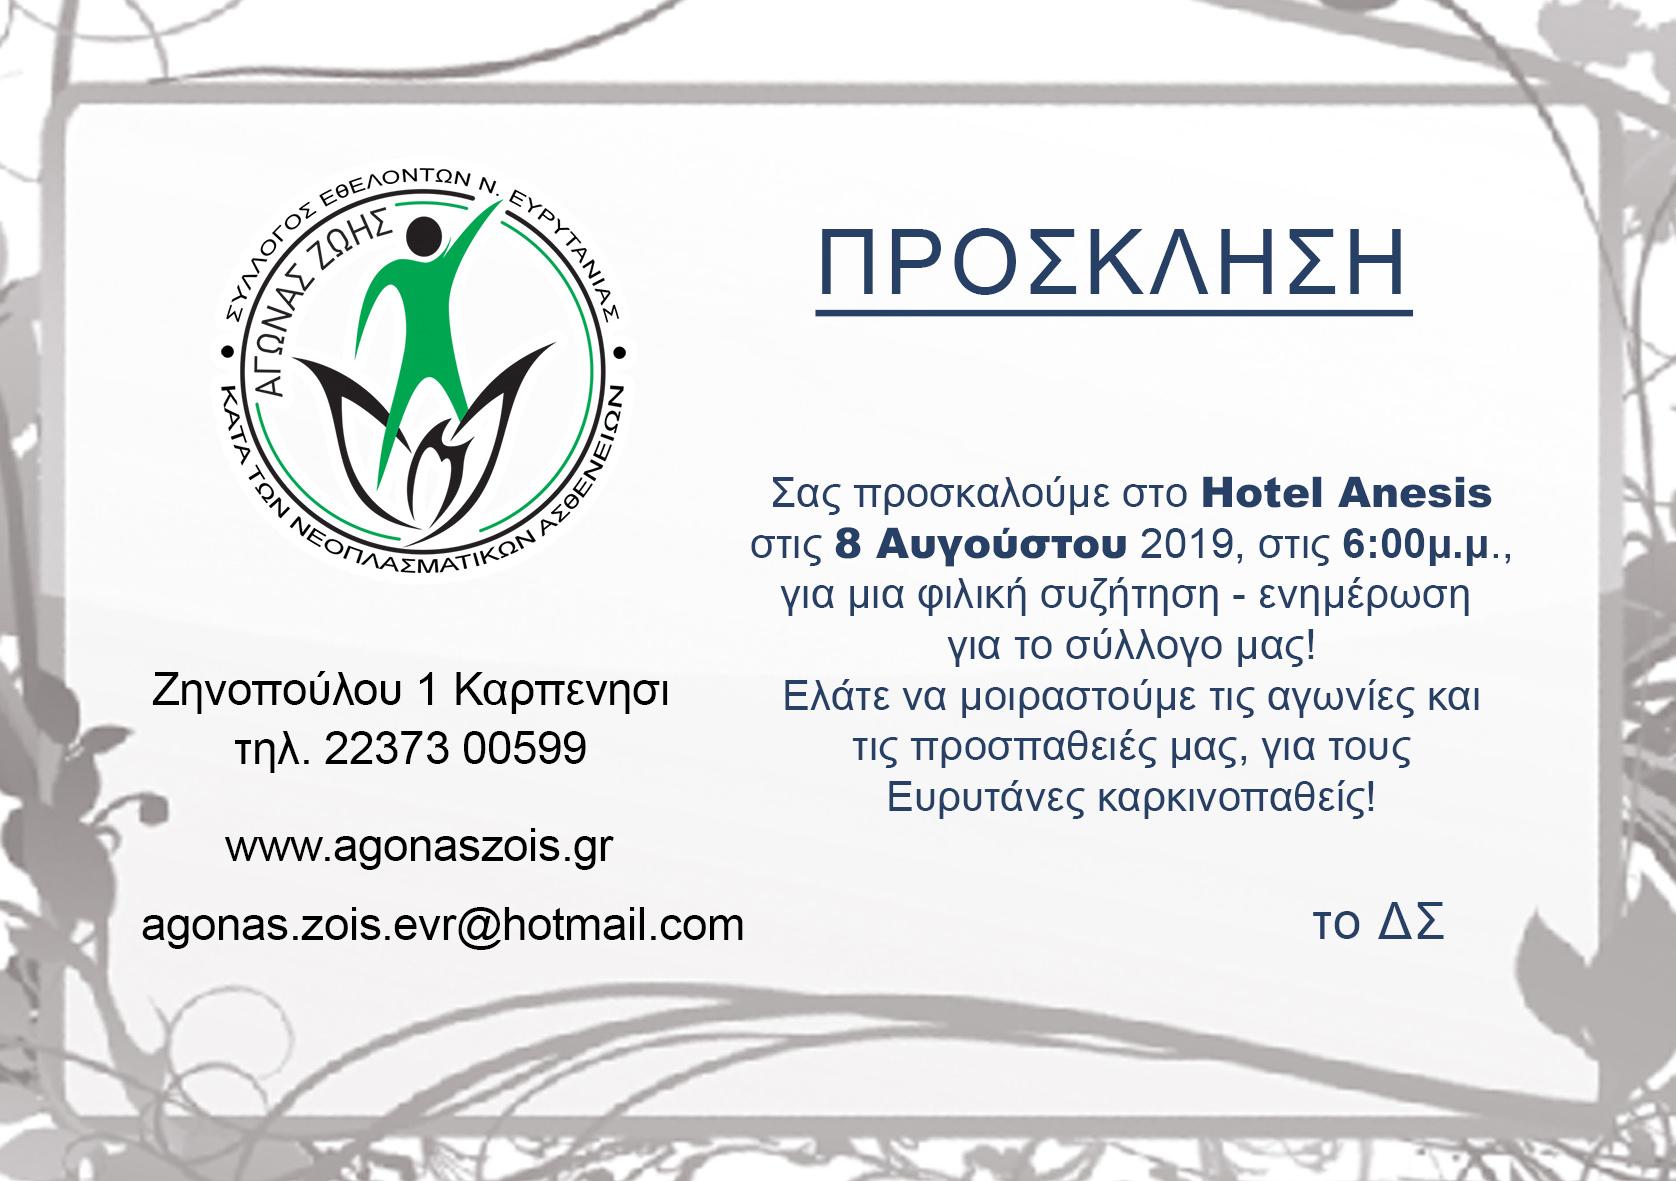 προσκληση